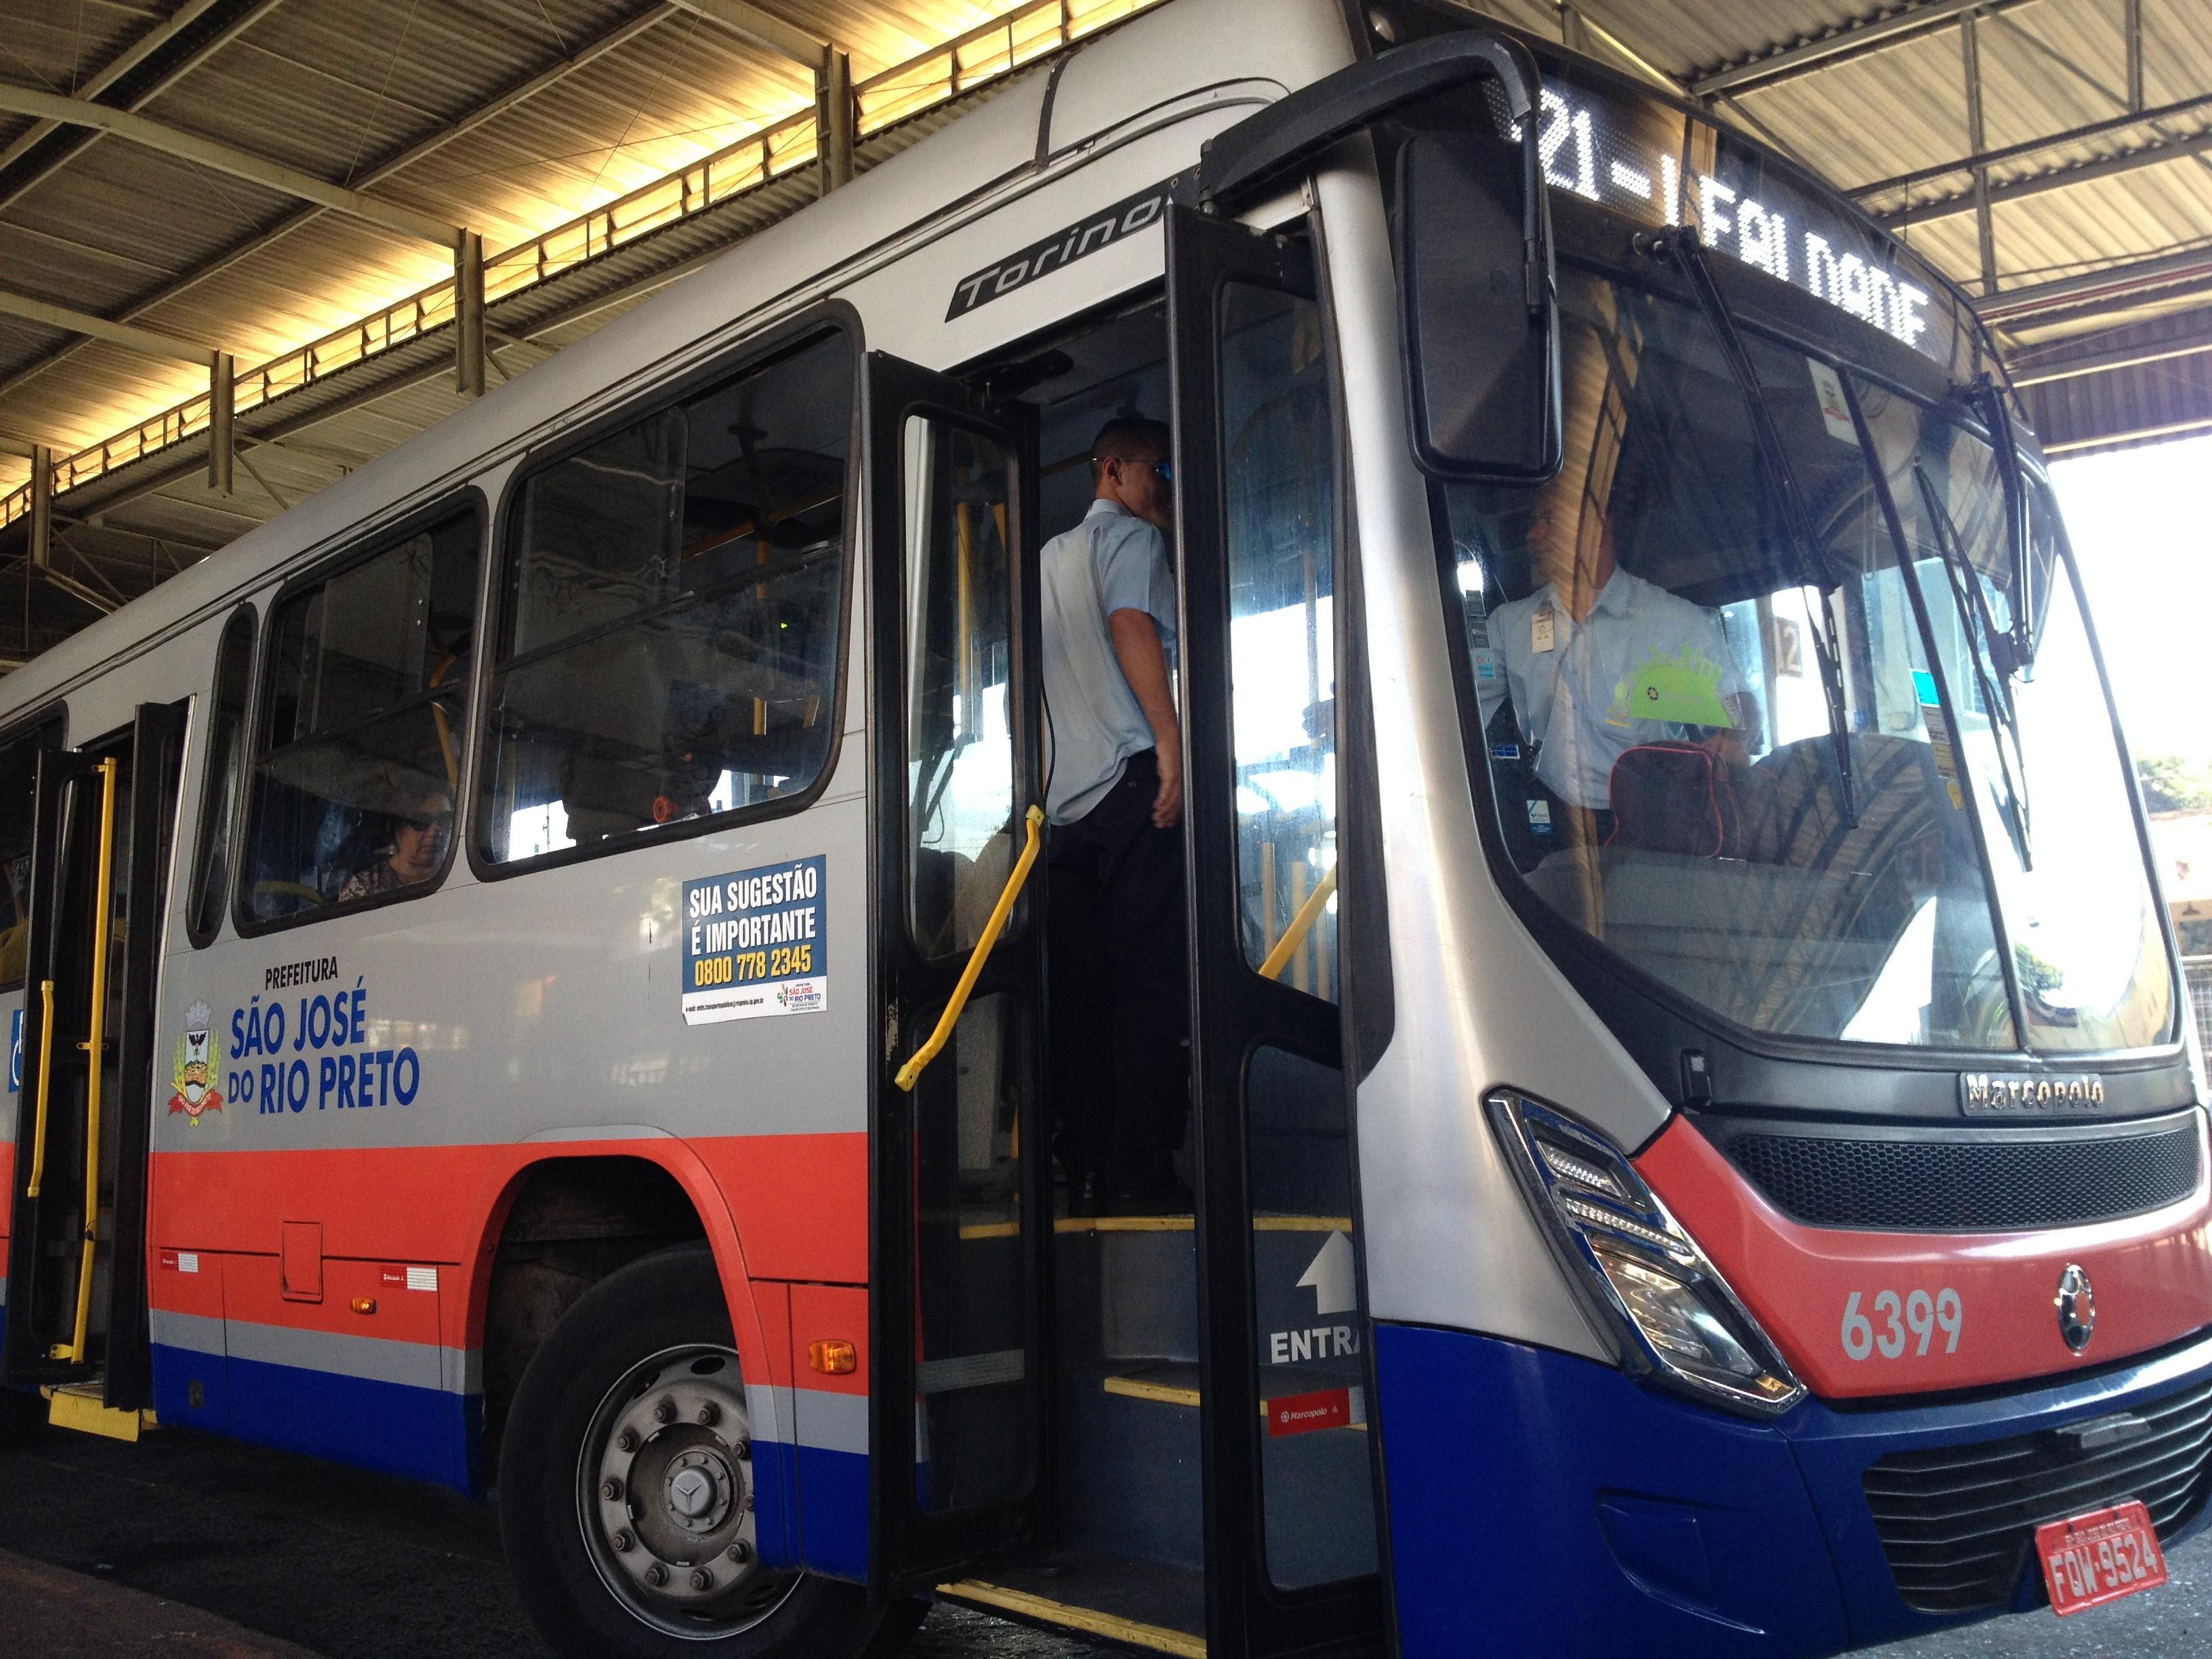 Transporte coletivo ganha novas rodadas de linhas para desafogar a lotação em Rio Preto